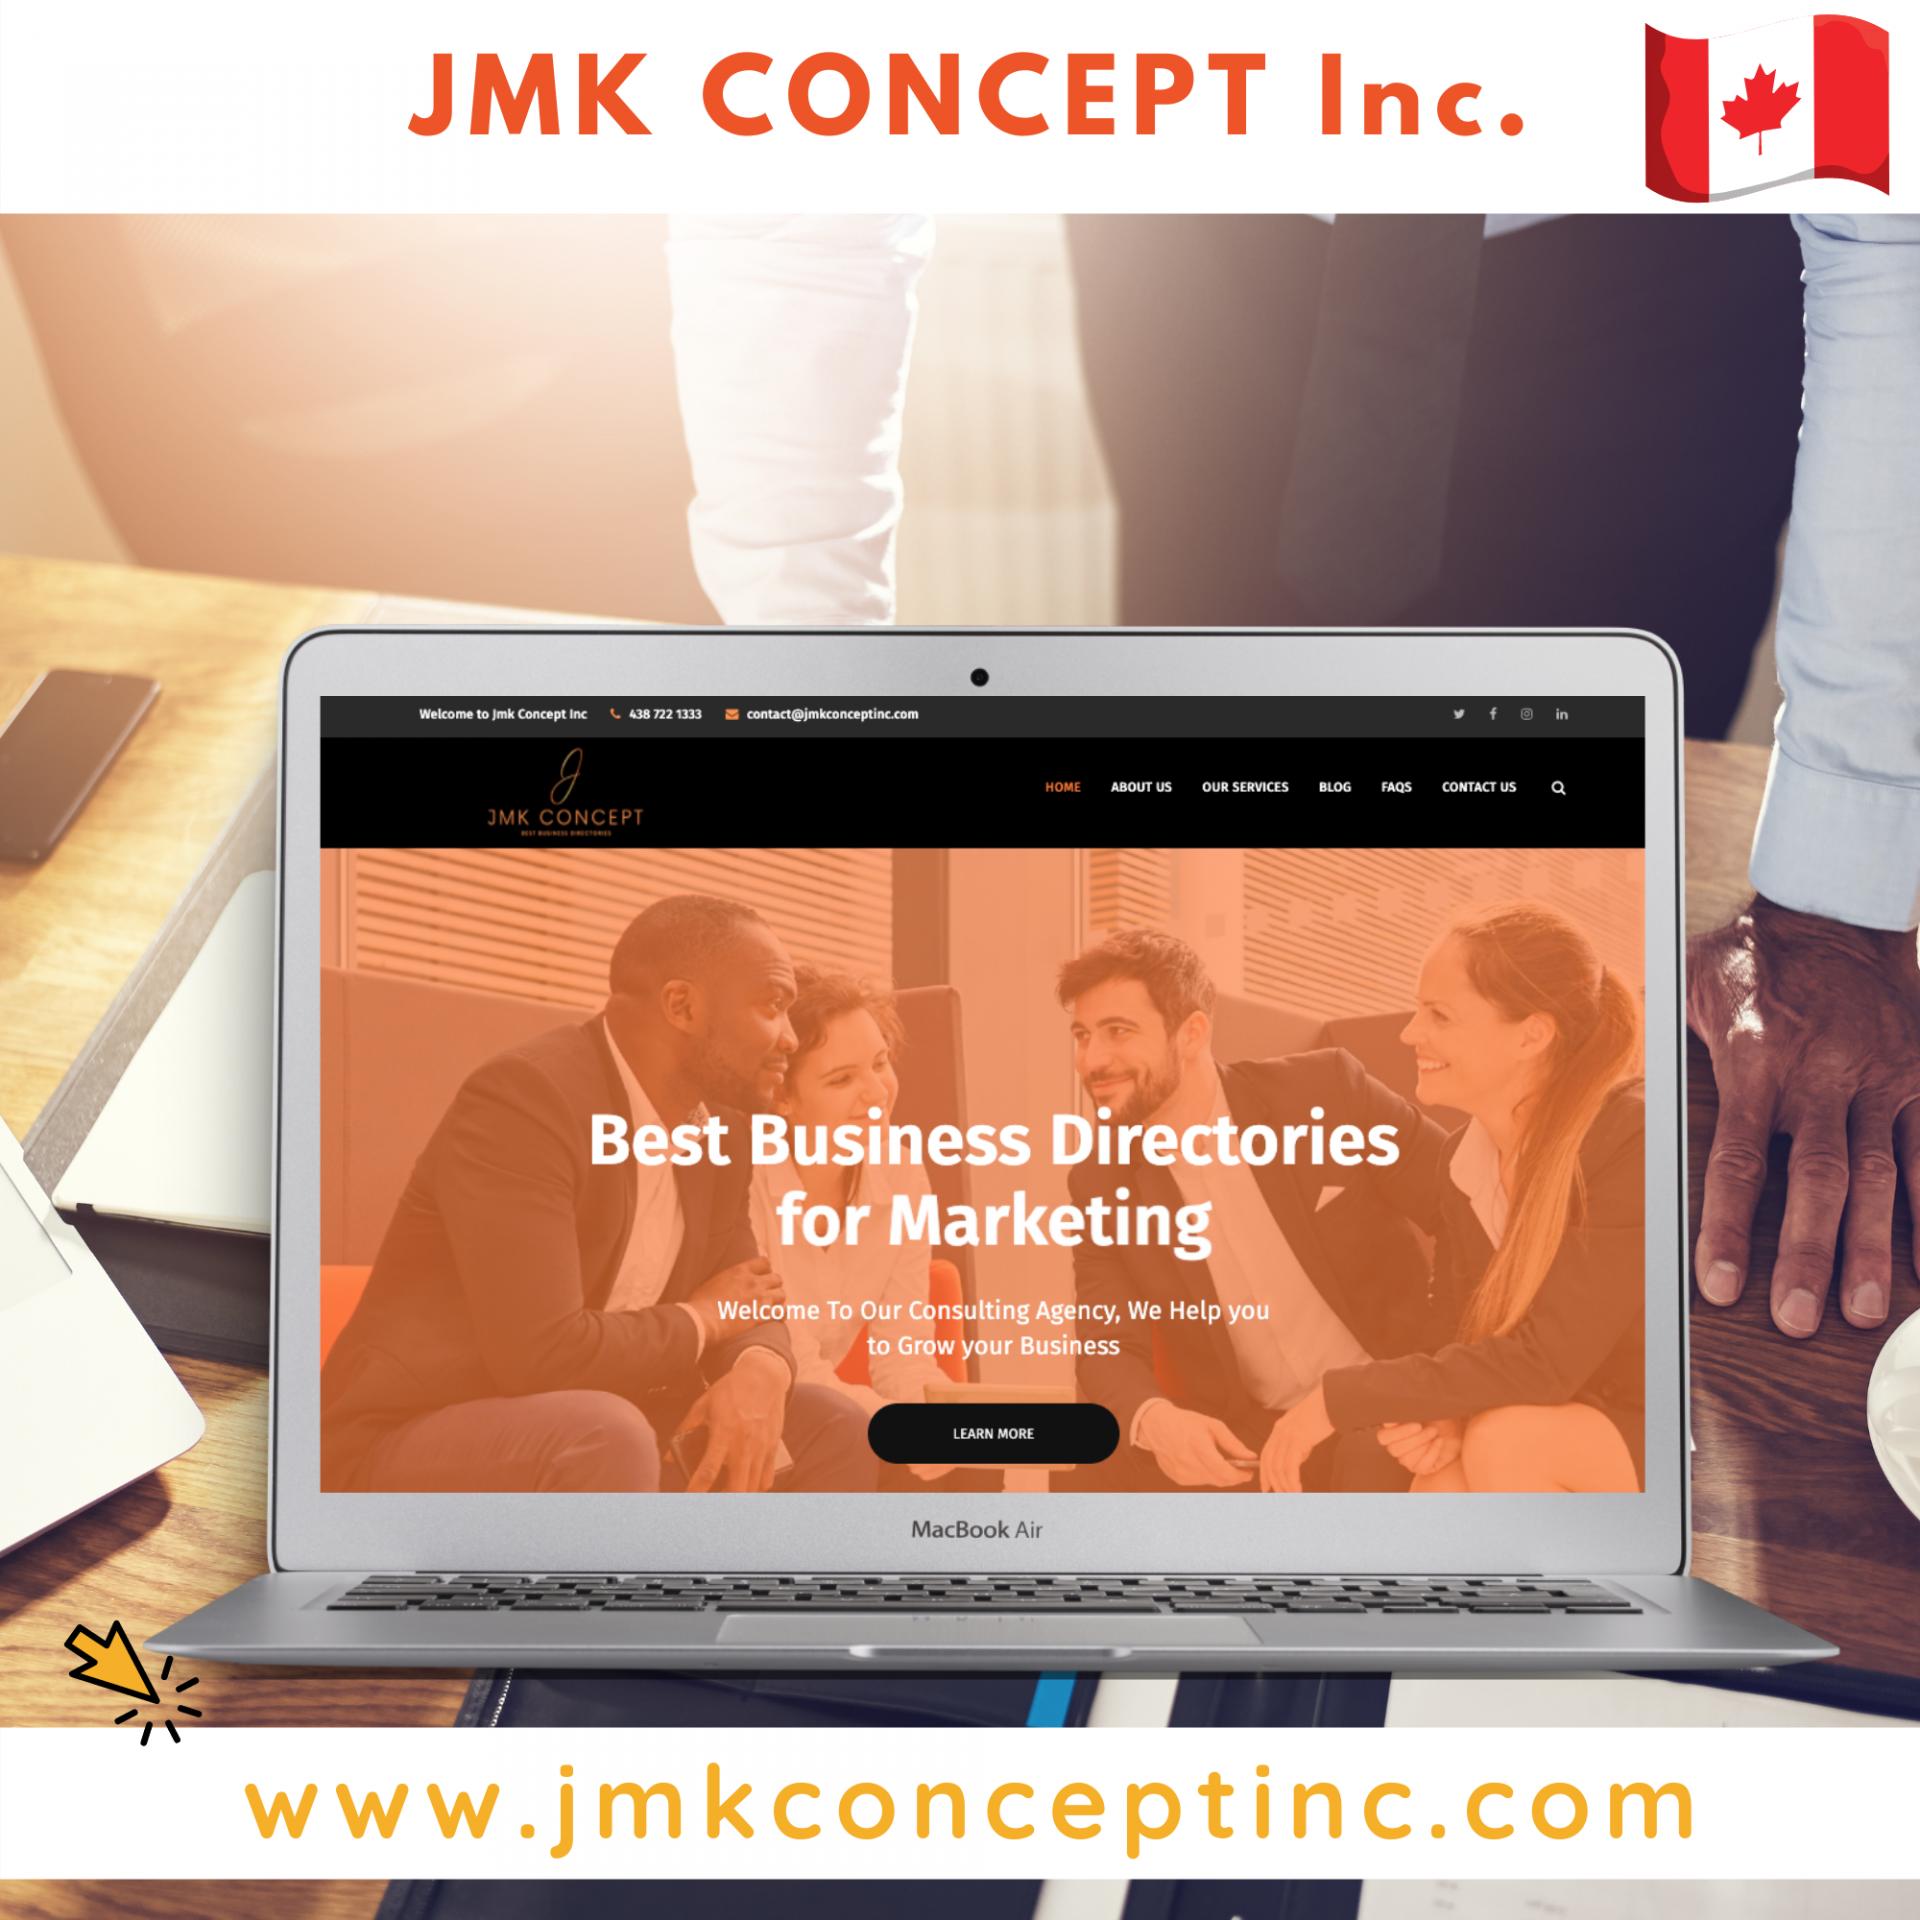 Projet JMK Concept Inc. (Canada)